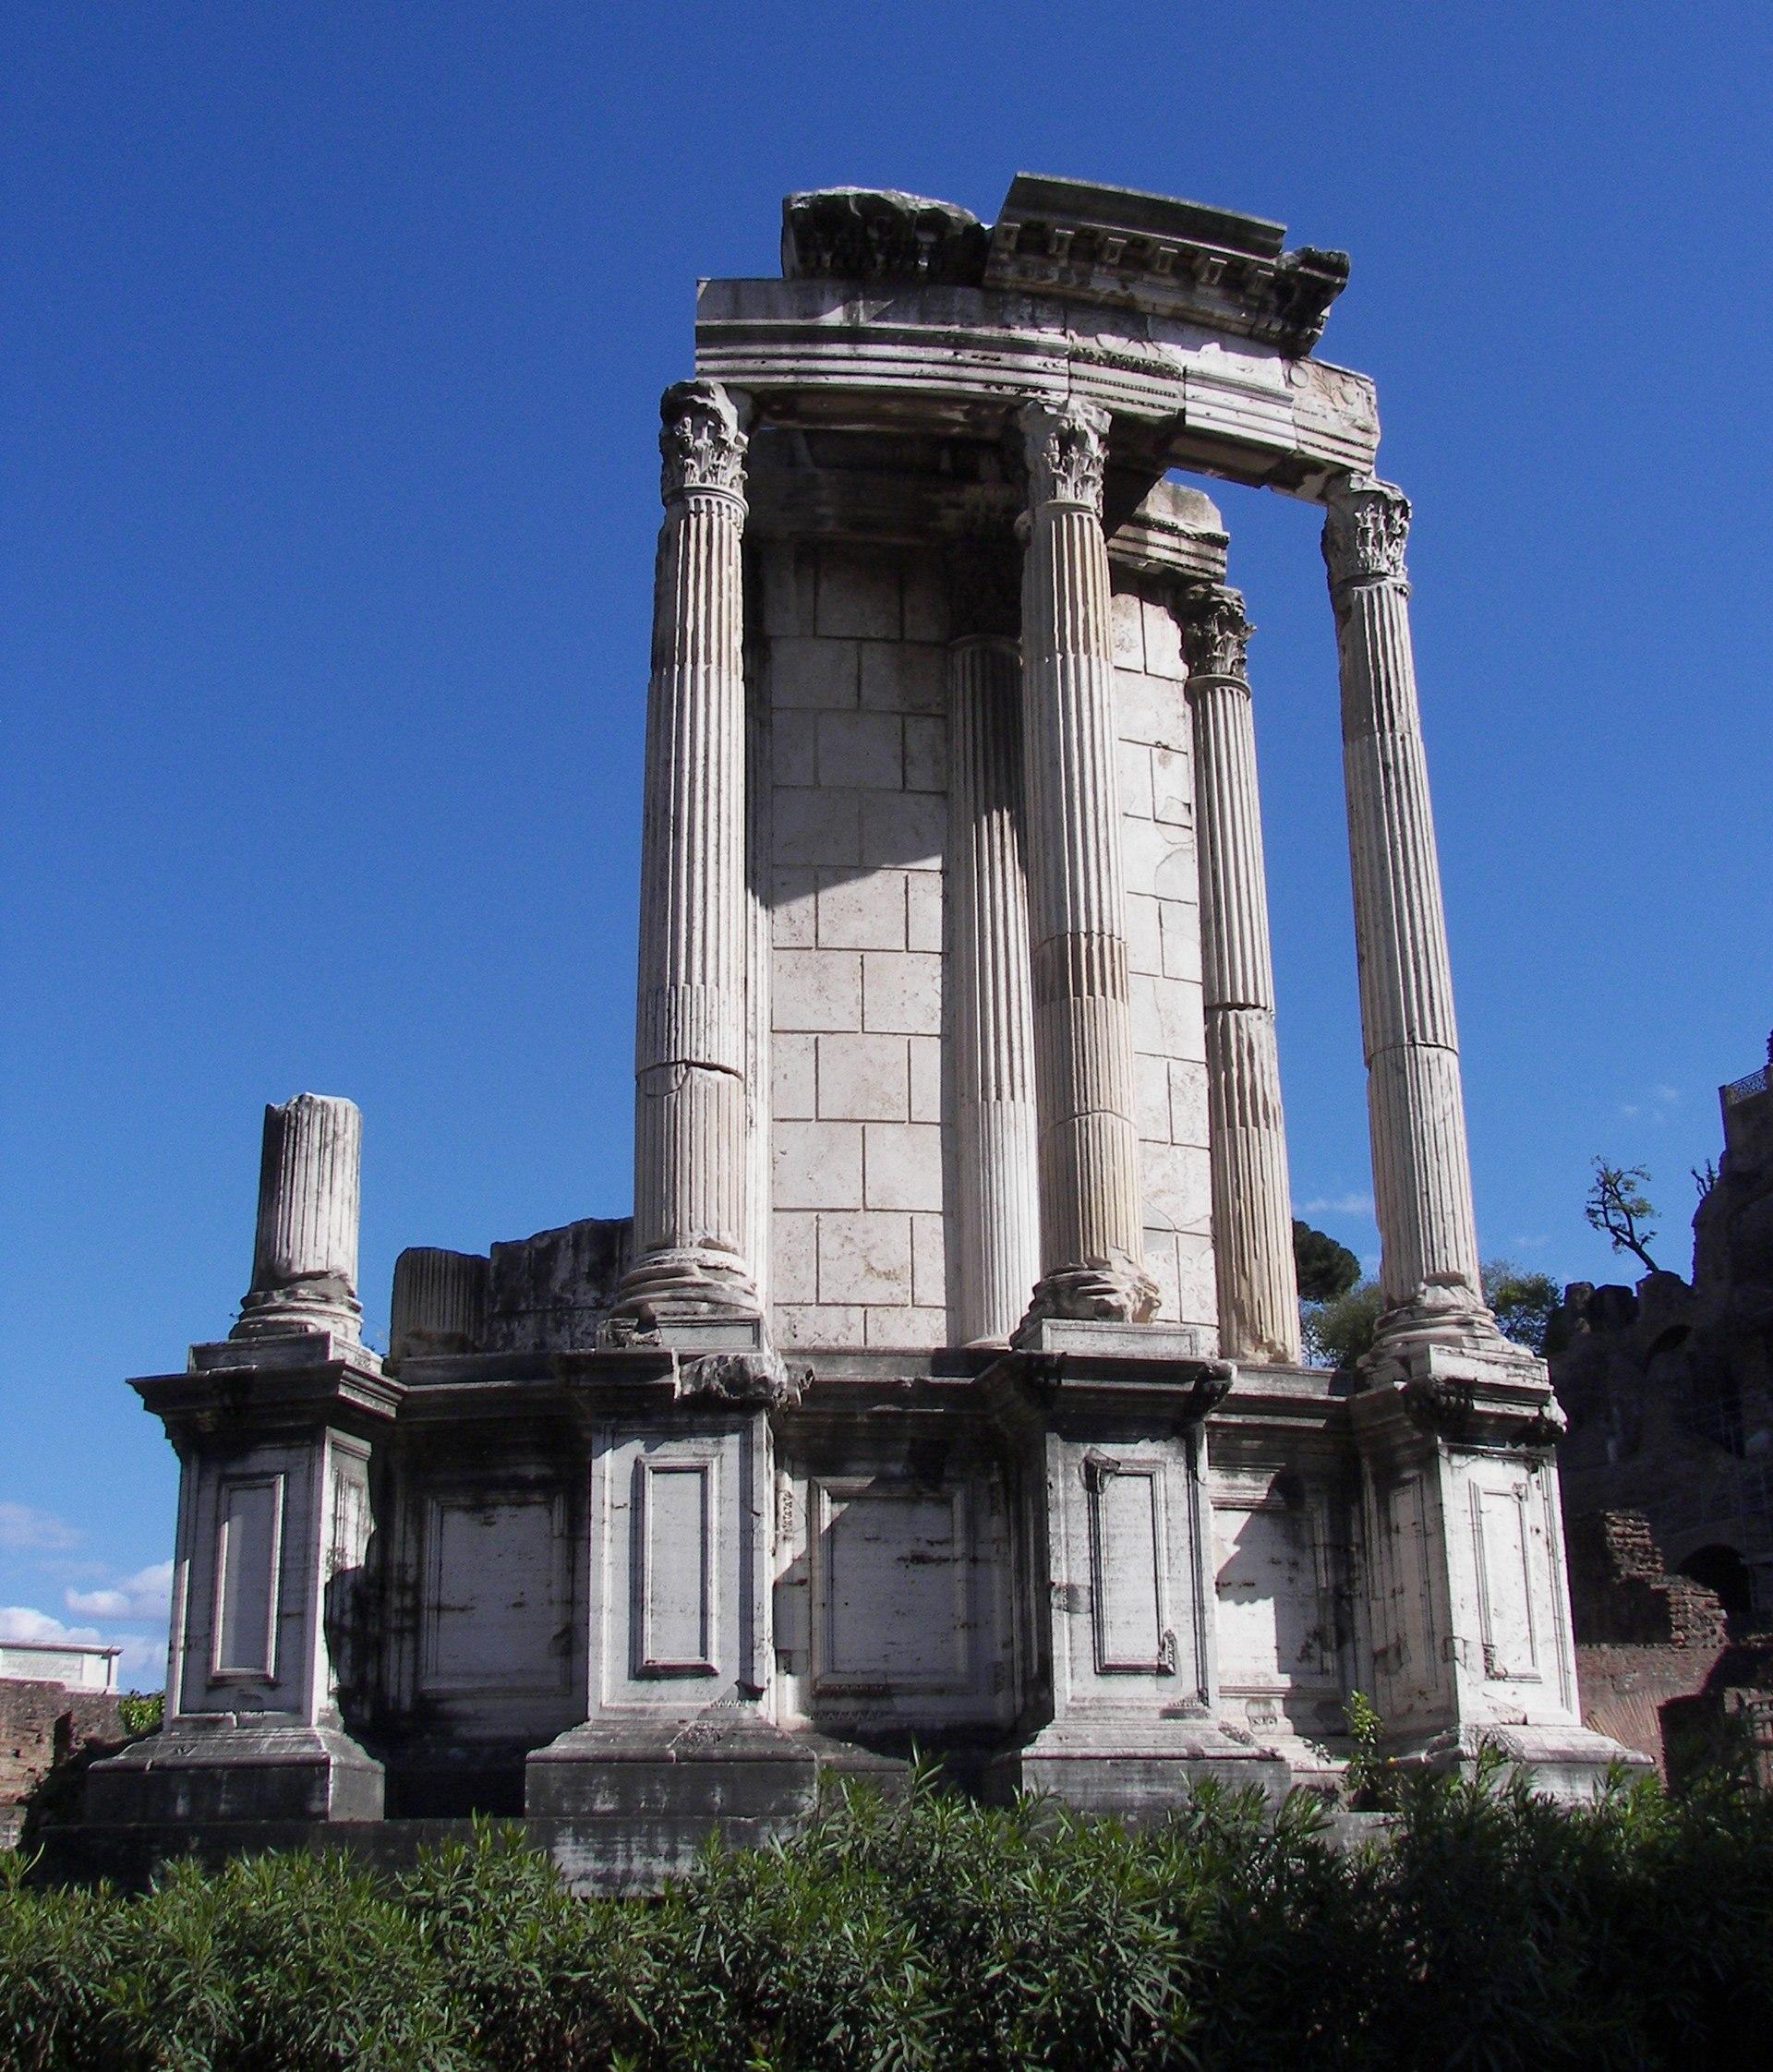 Temple of Vesta - Wikipedia